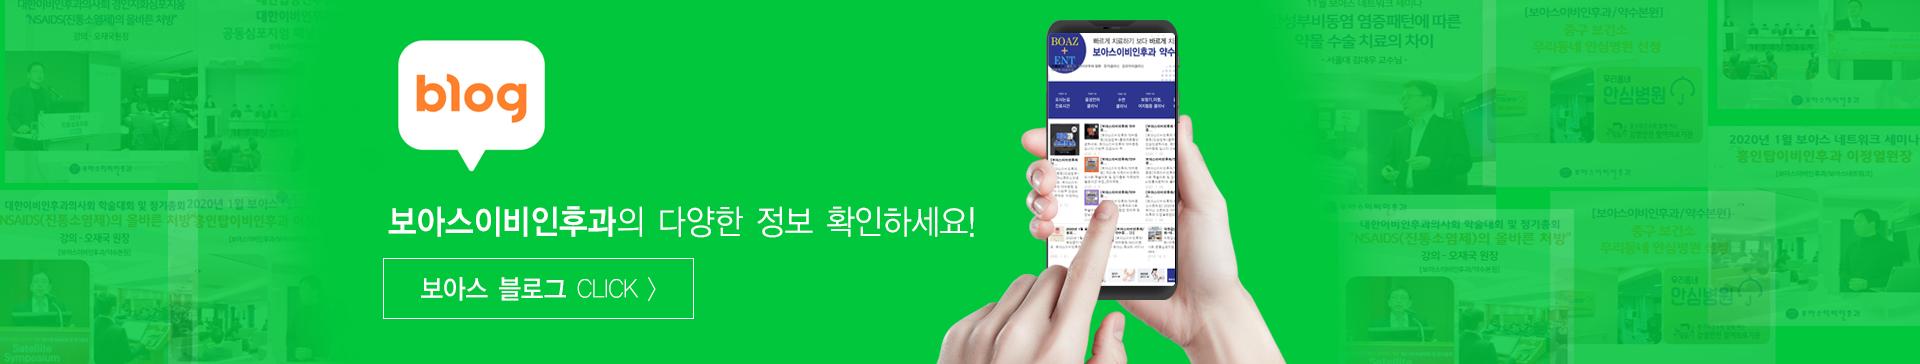 보아스 네이버 블로그 바로가기